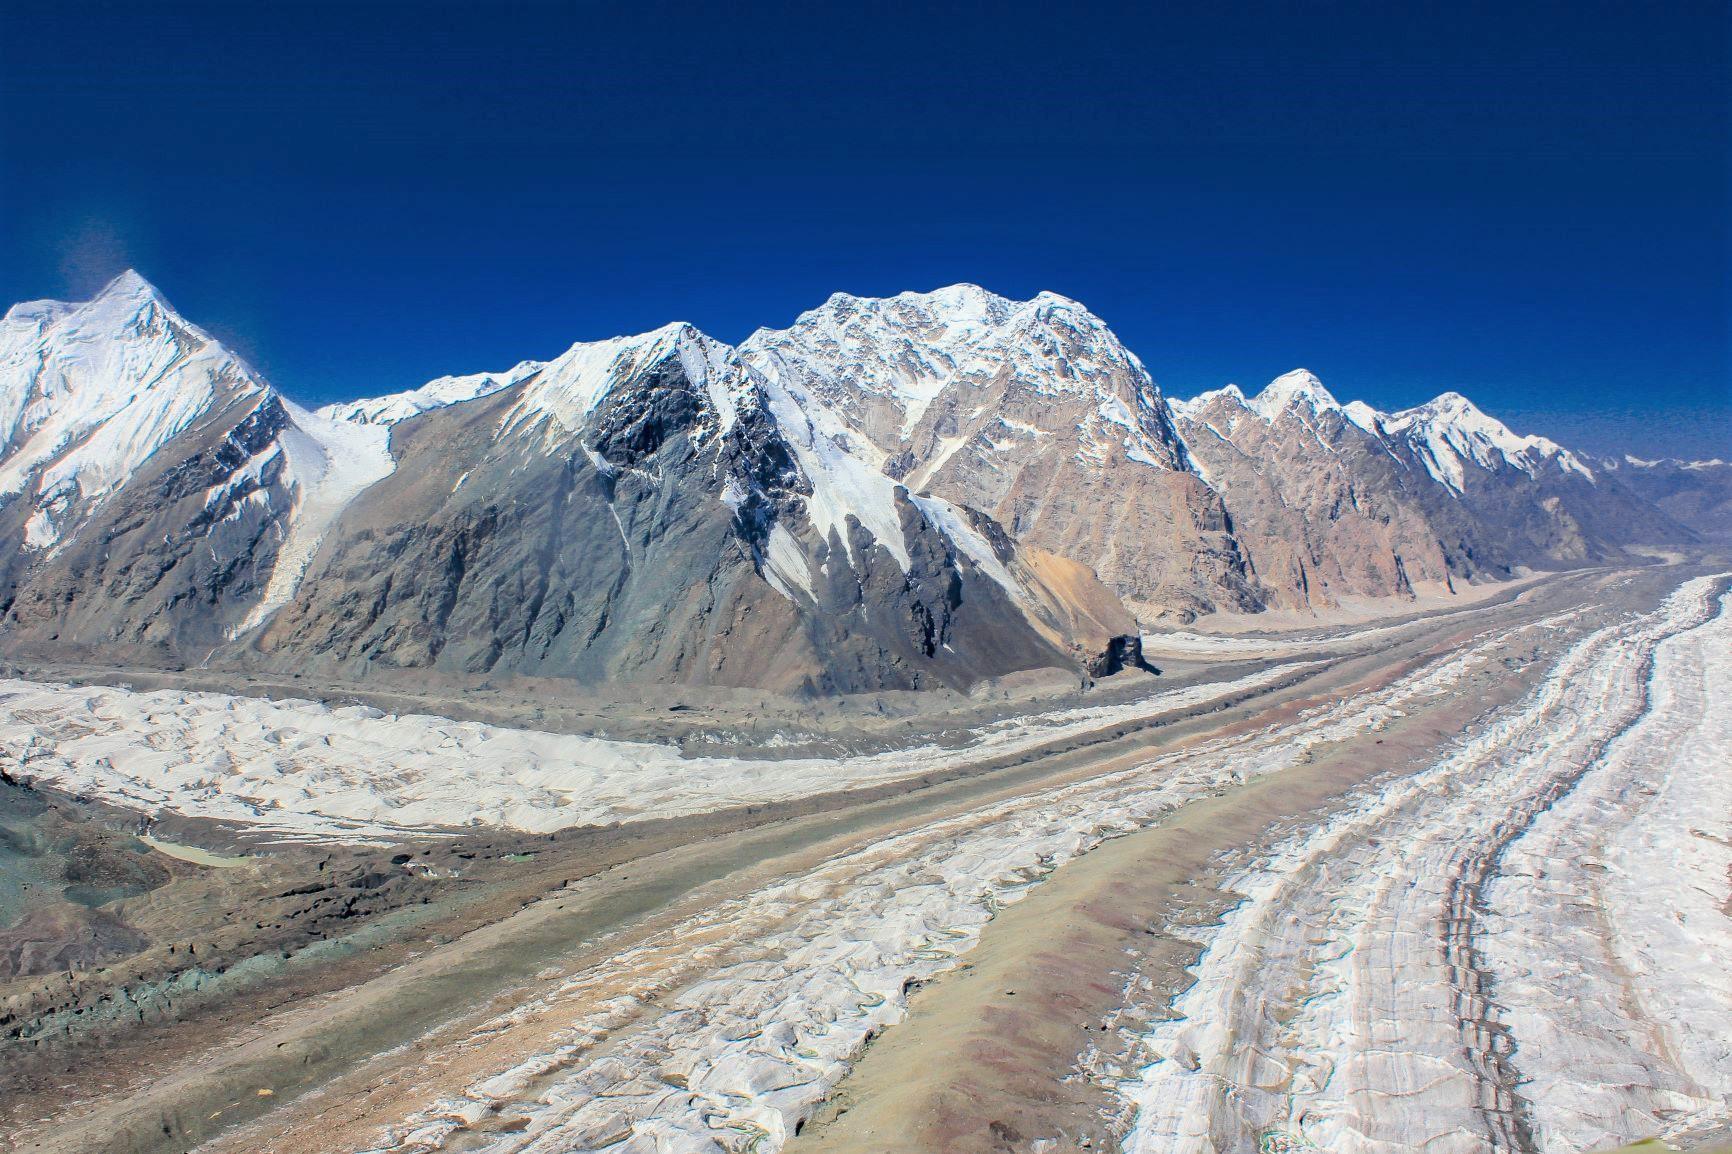 ベースキャンプへ向かうヘリコプターから長大な氷河を望む